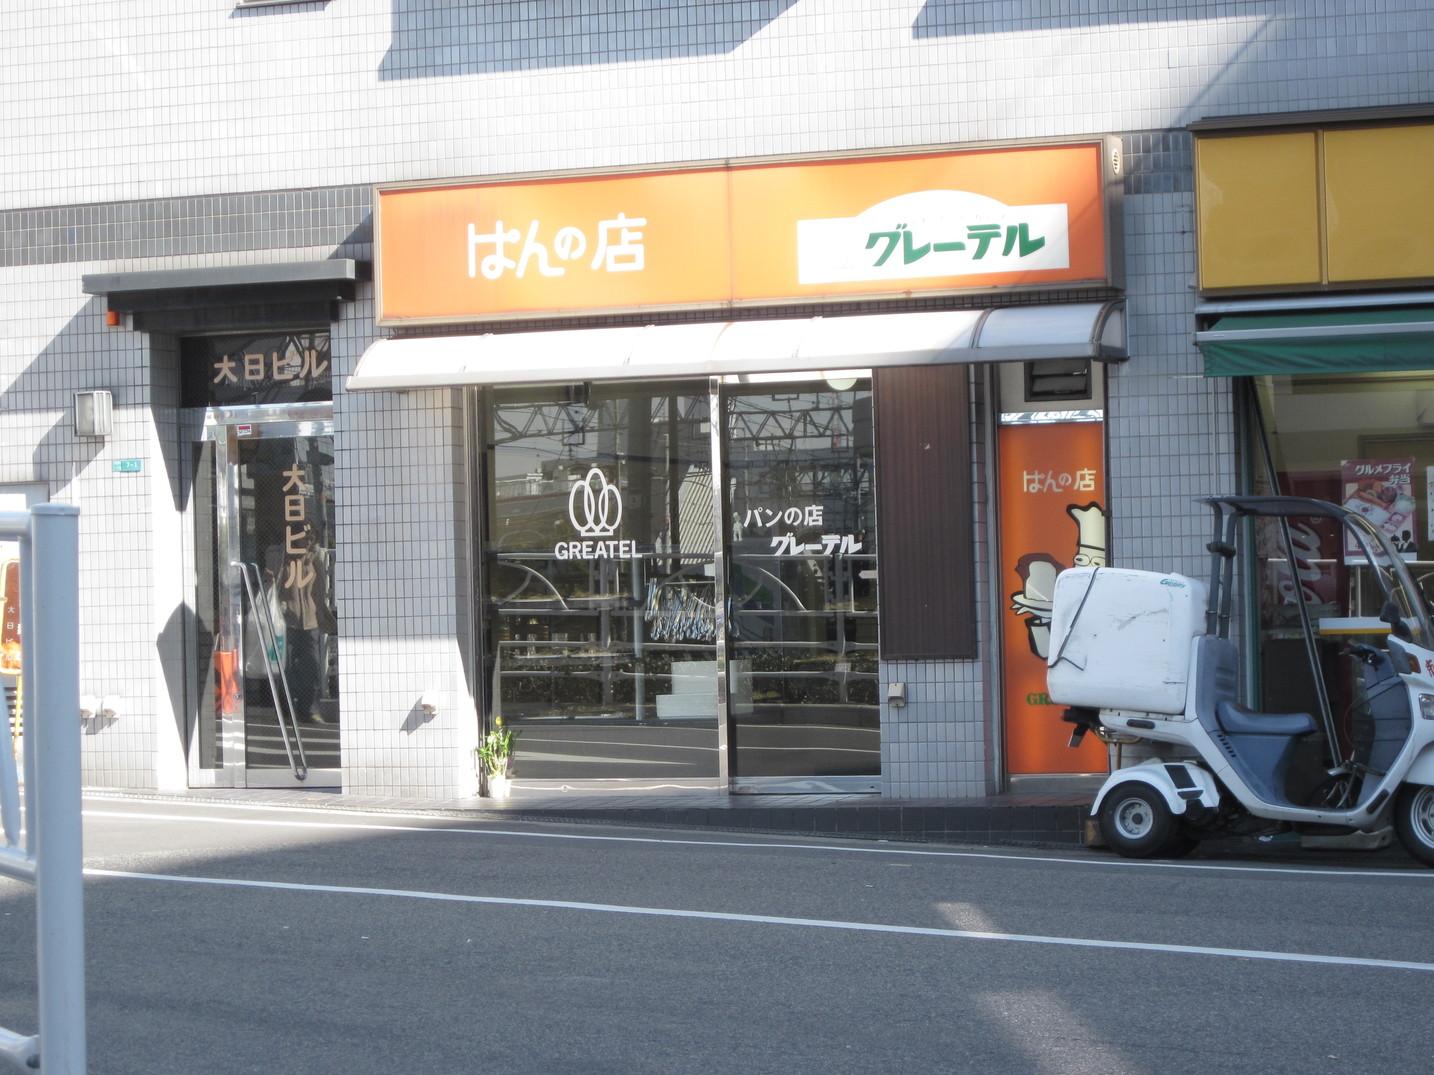 ぱんの店 グレーテル